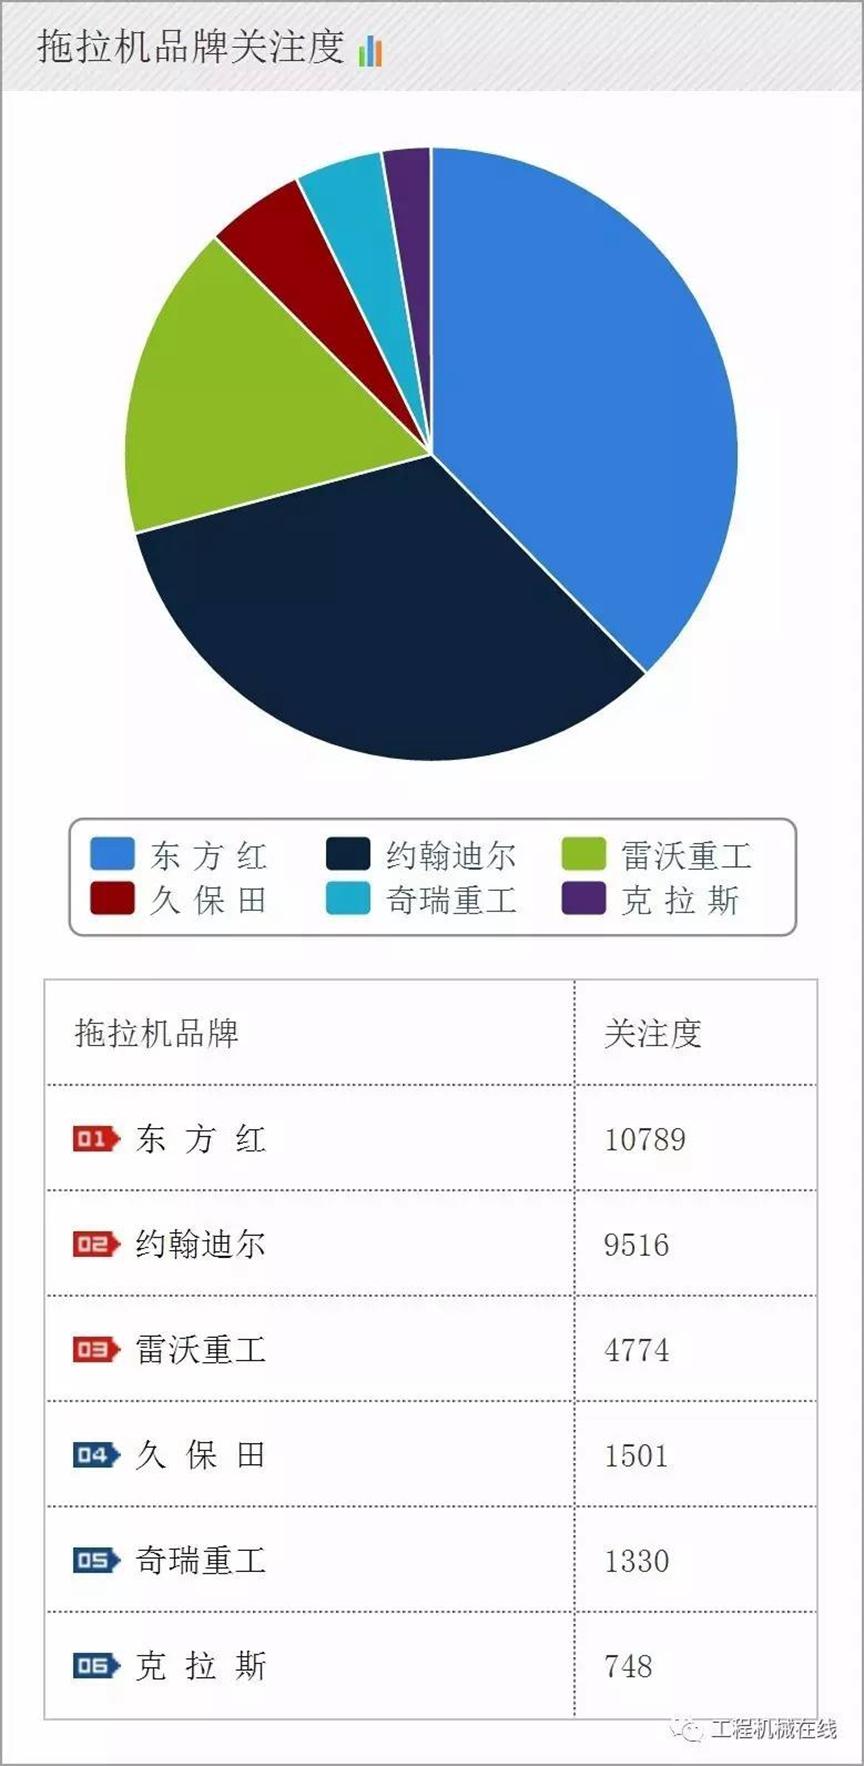 【亚洲城娱乐ca88指数】2017年7月农业ca88娱乐平台品牌关注度排名